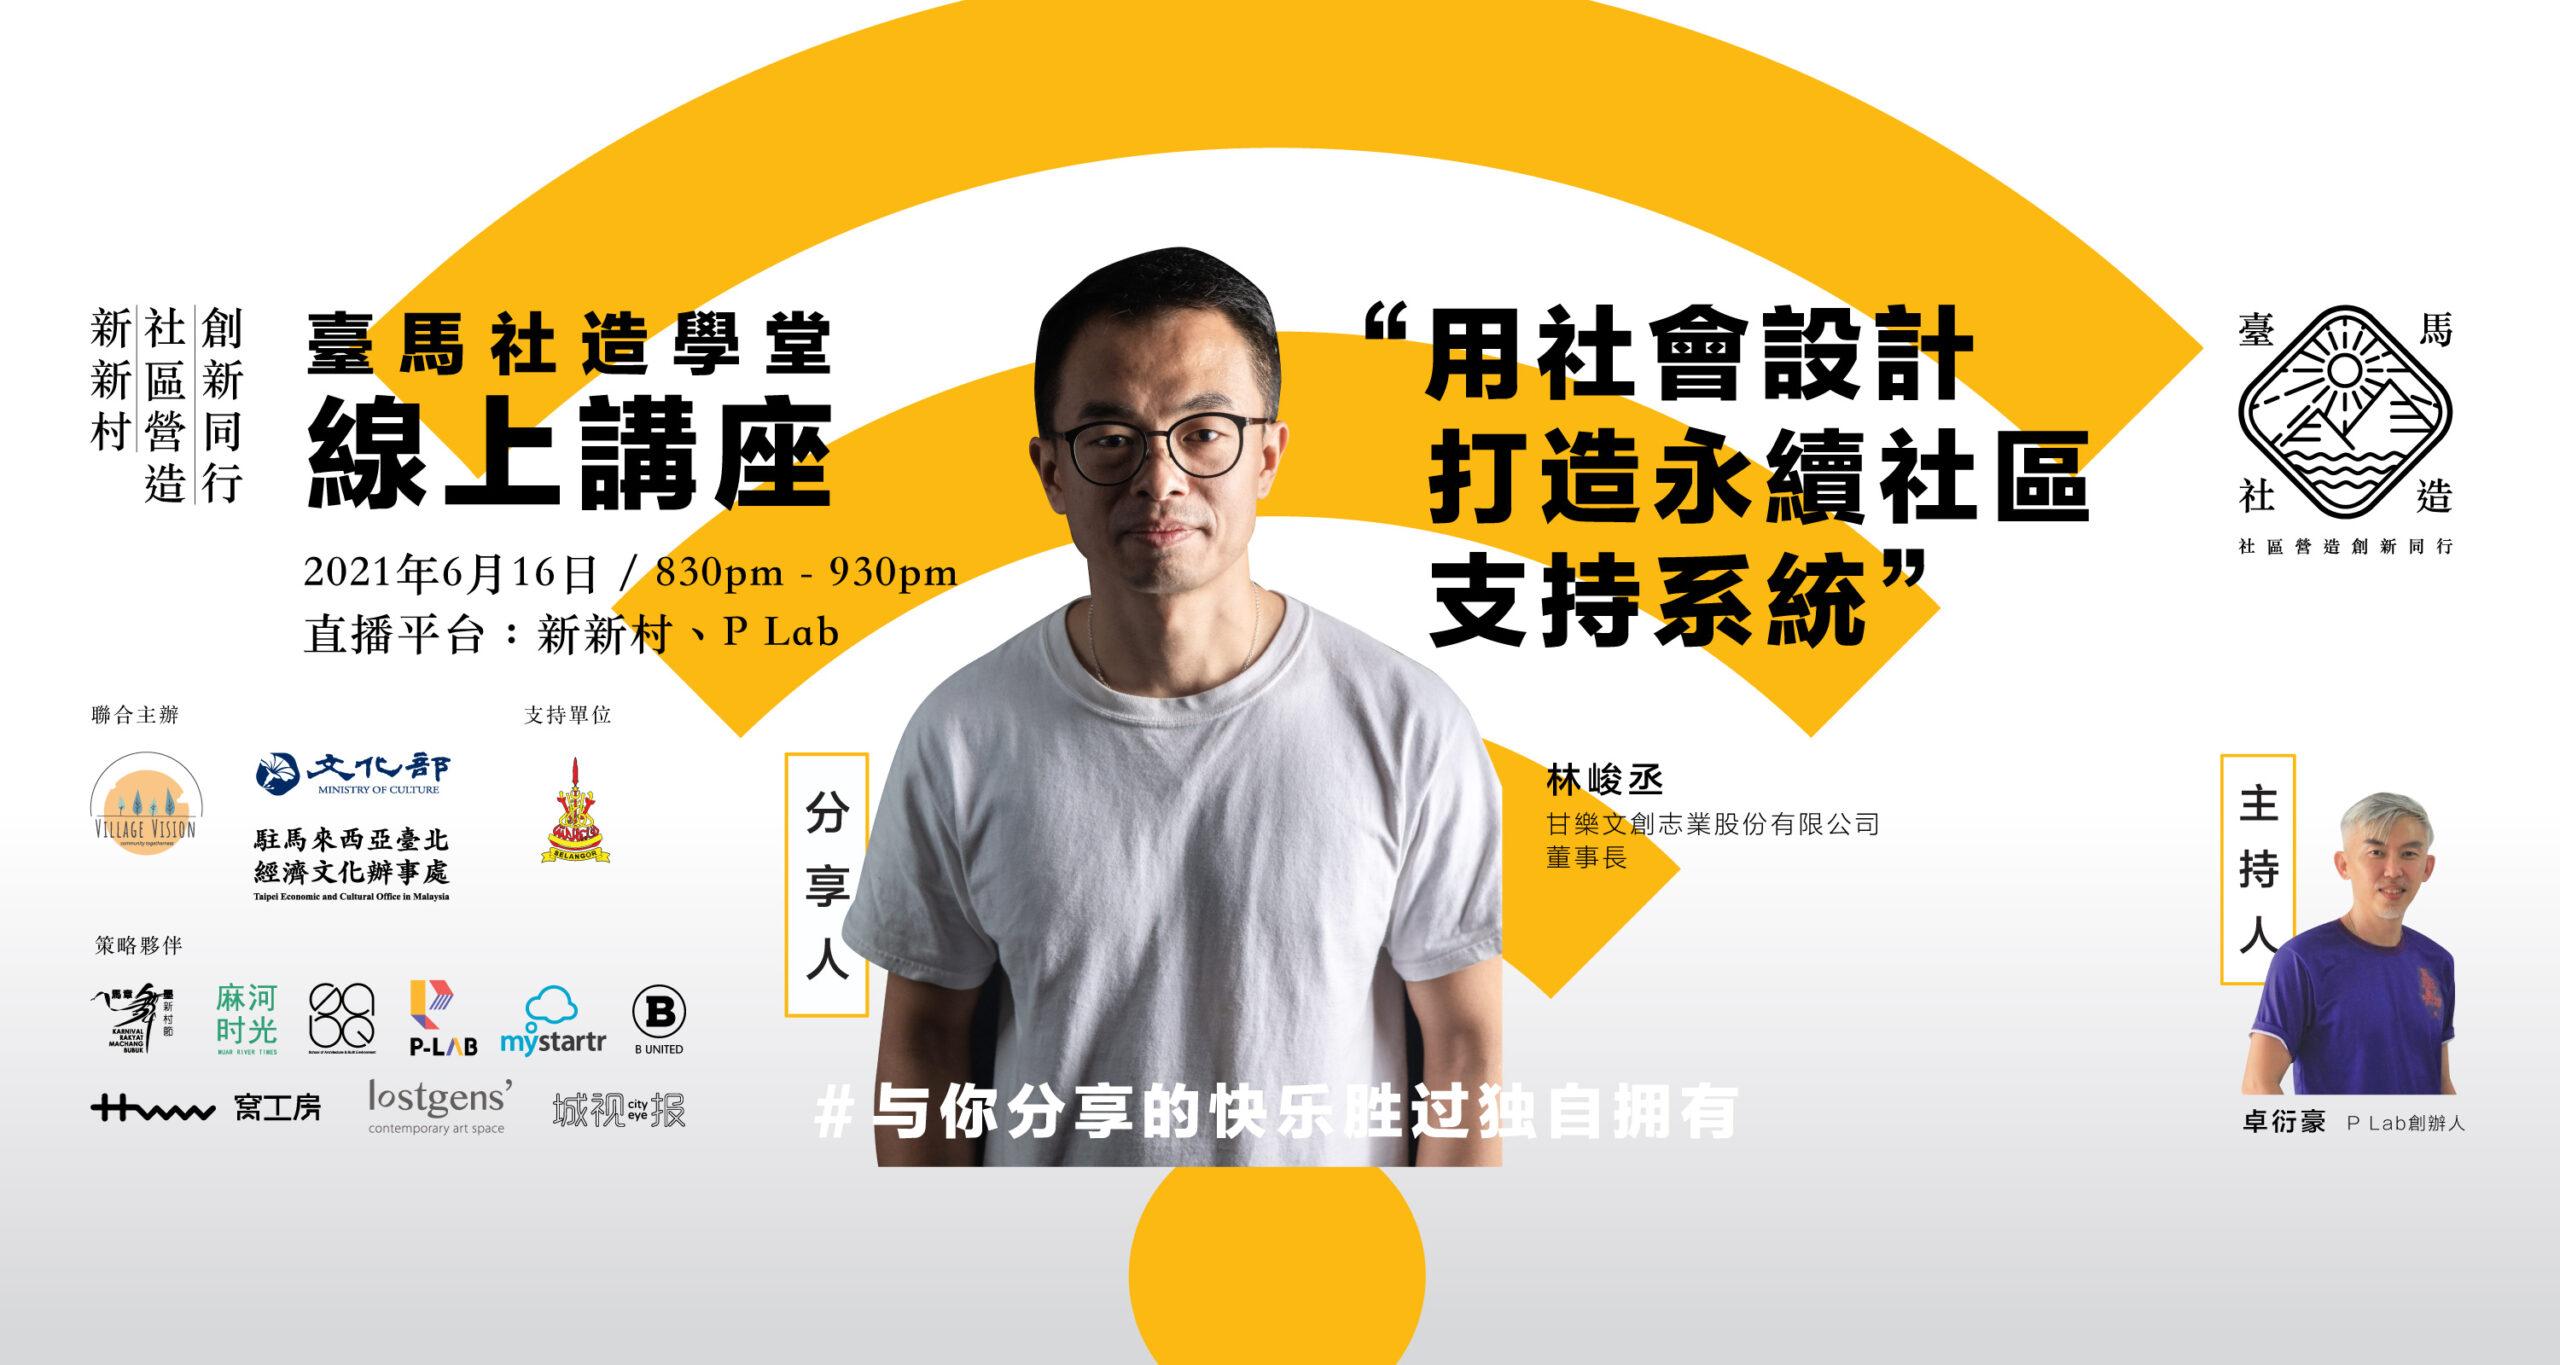 【台马社造学堂 线上讲座笔记 #3】林峻丞《用社会设计打造永续社区支持系统》